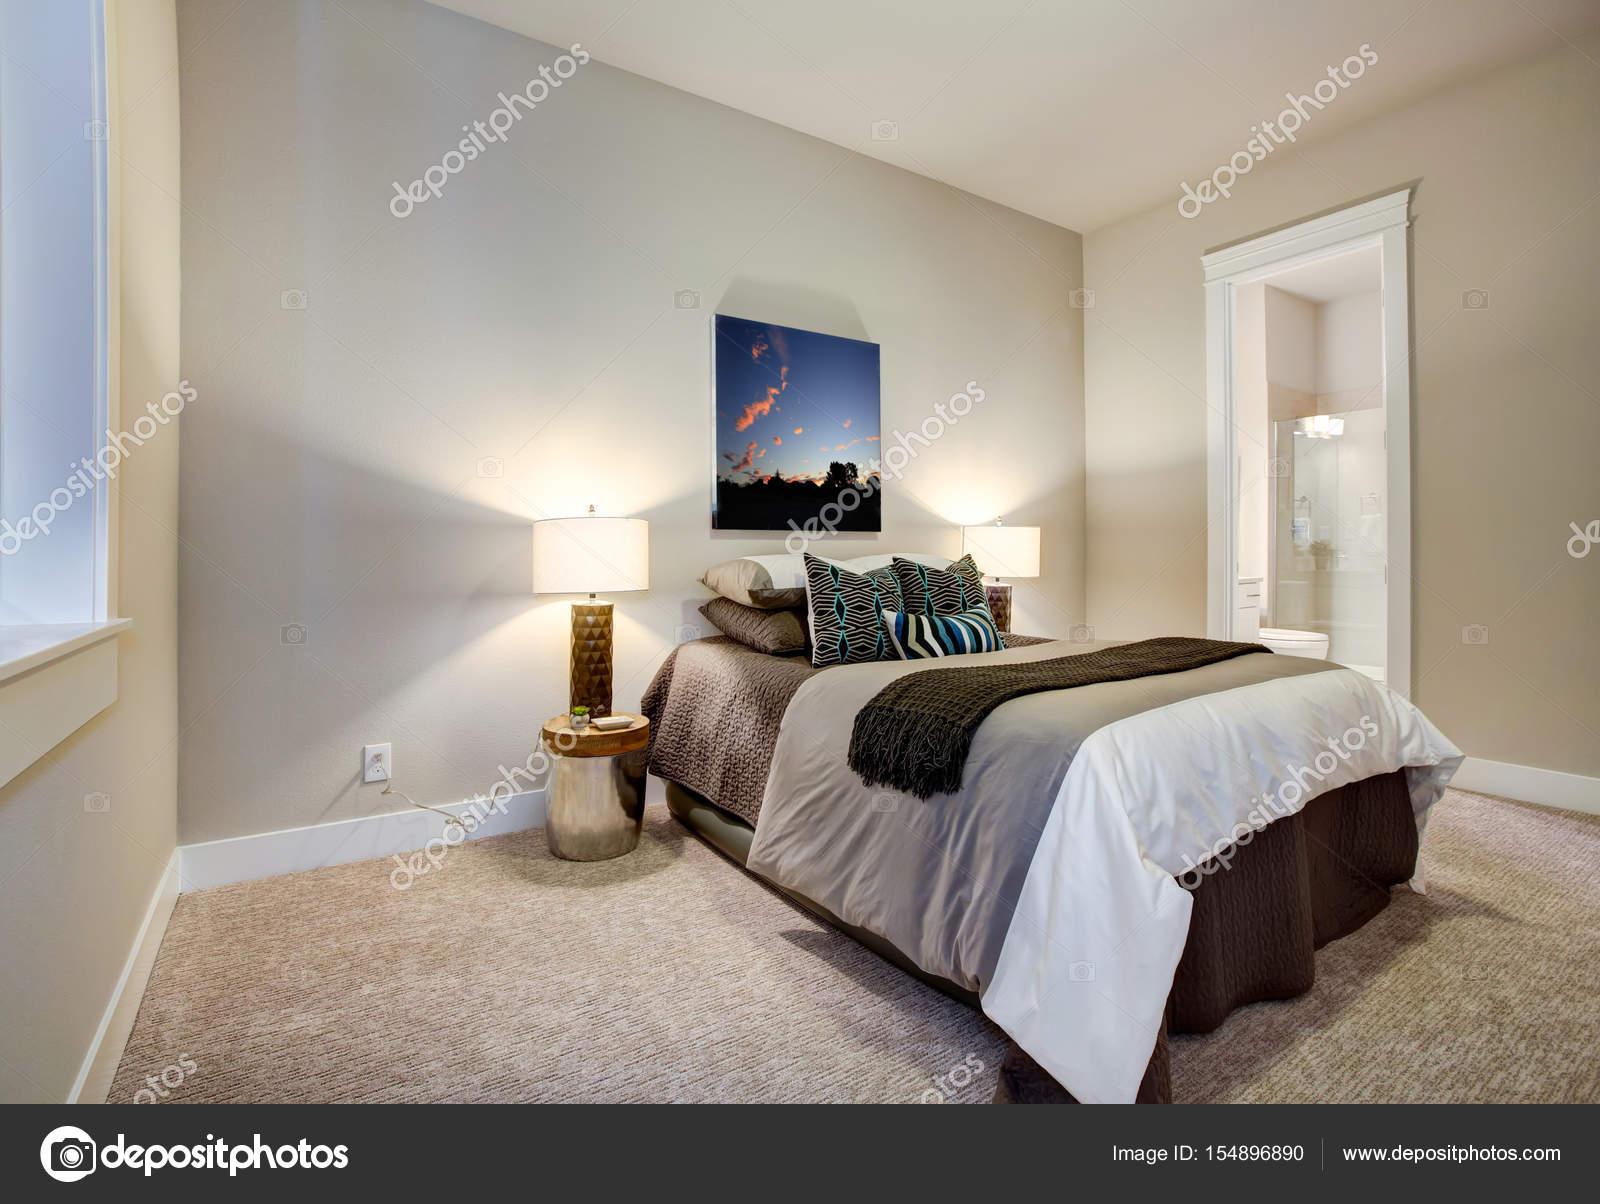 Neutrale Schlafzimmer Design Mit Bad En Suite Funktionen Weichen Beige  Wände Malen Farbe Schoko Braun Bettwäsche Passende Geometrische Muster  Kissen.